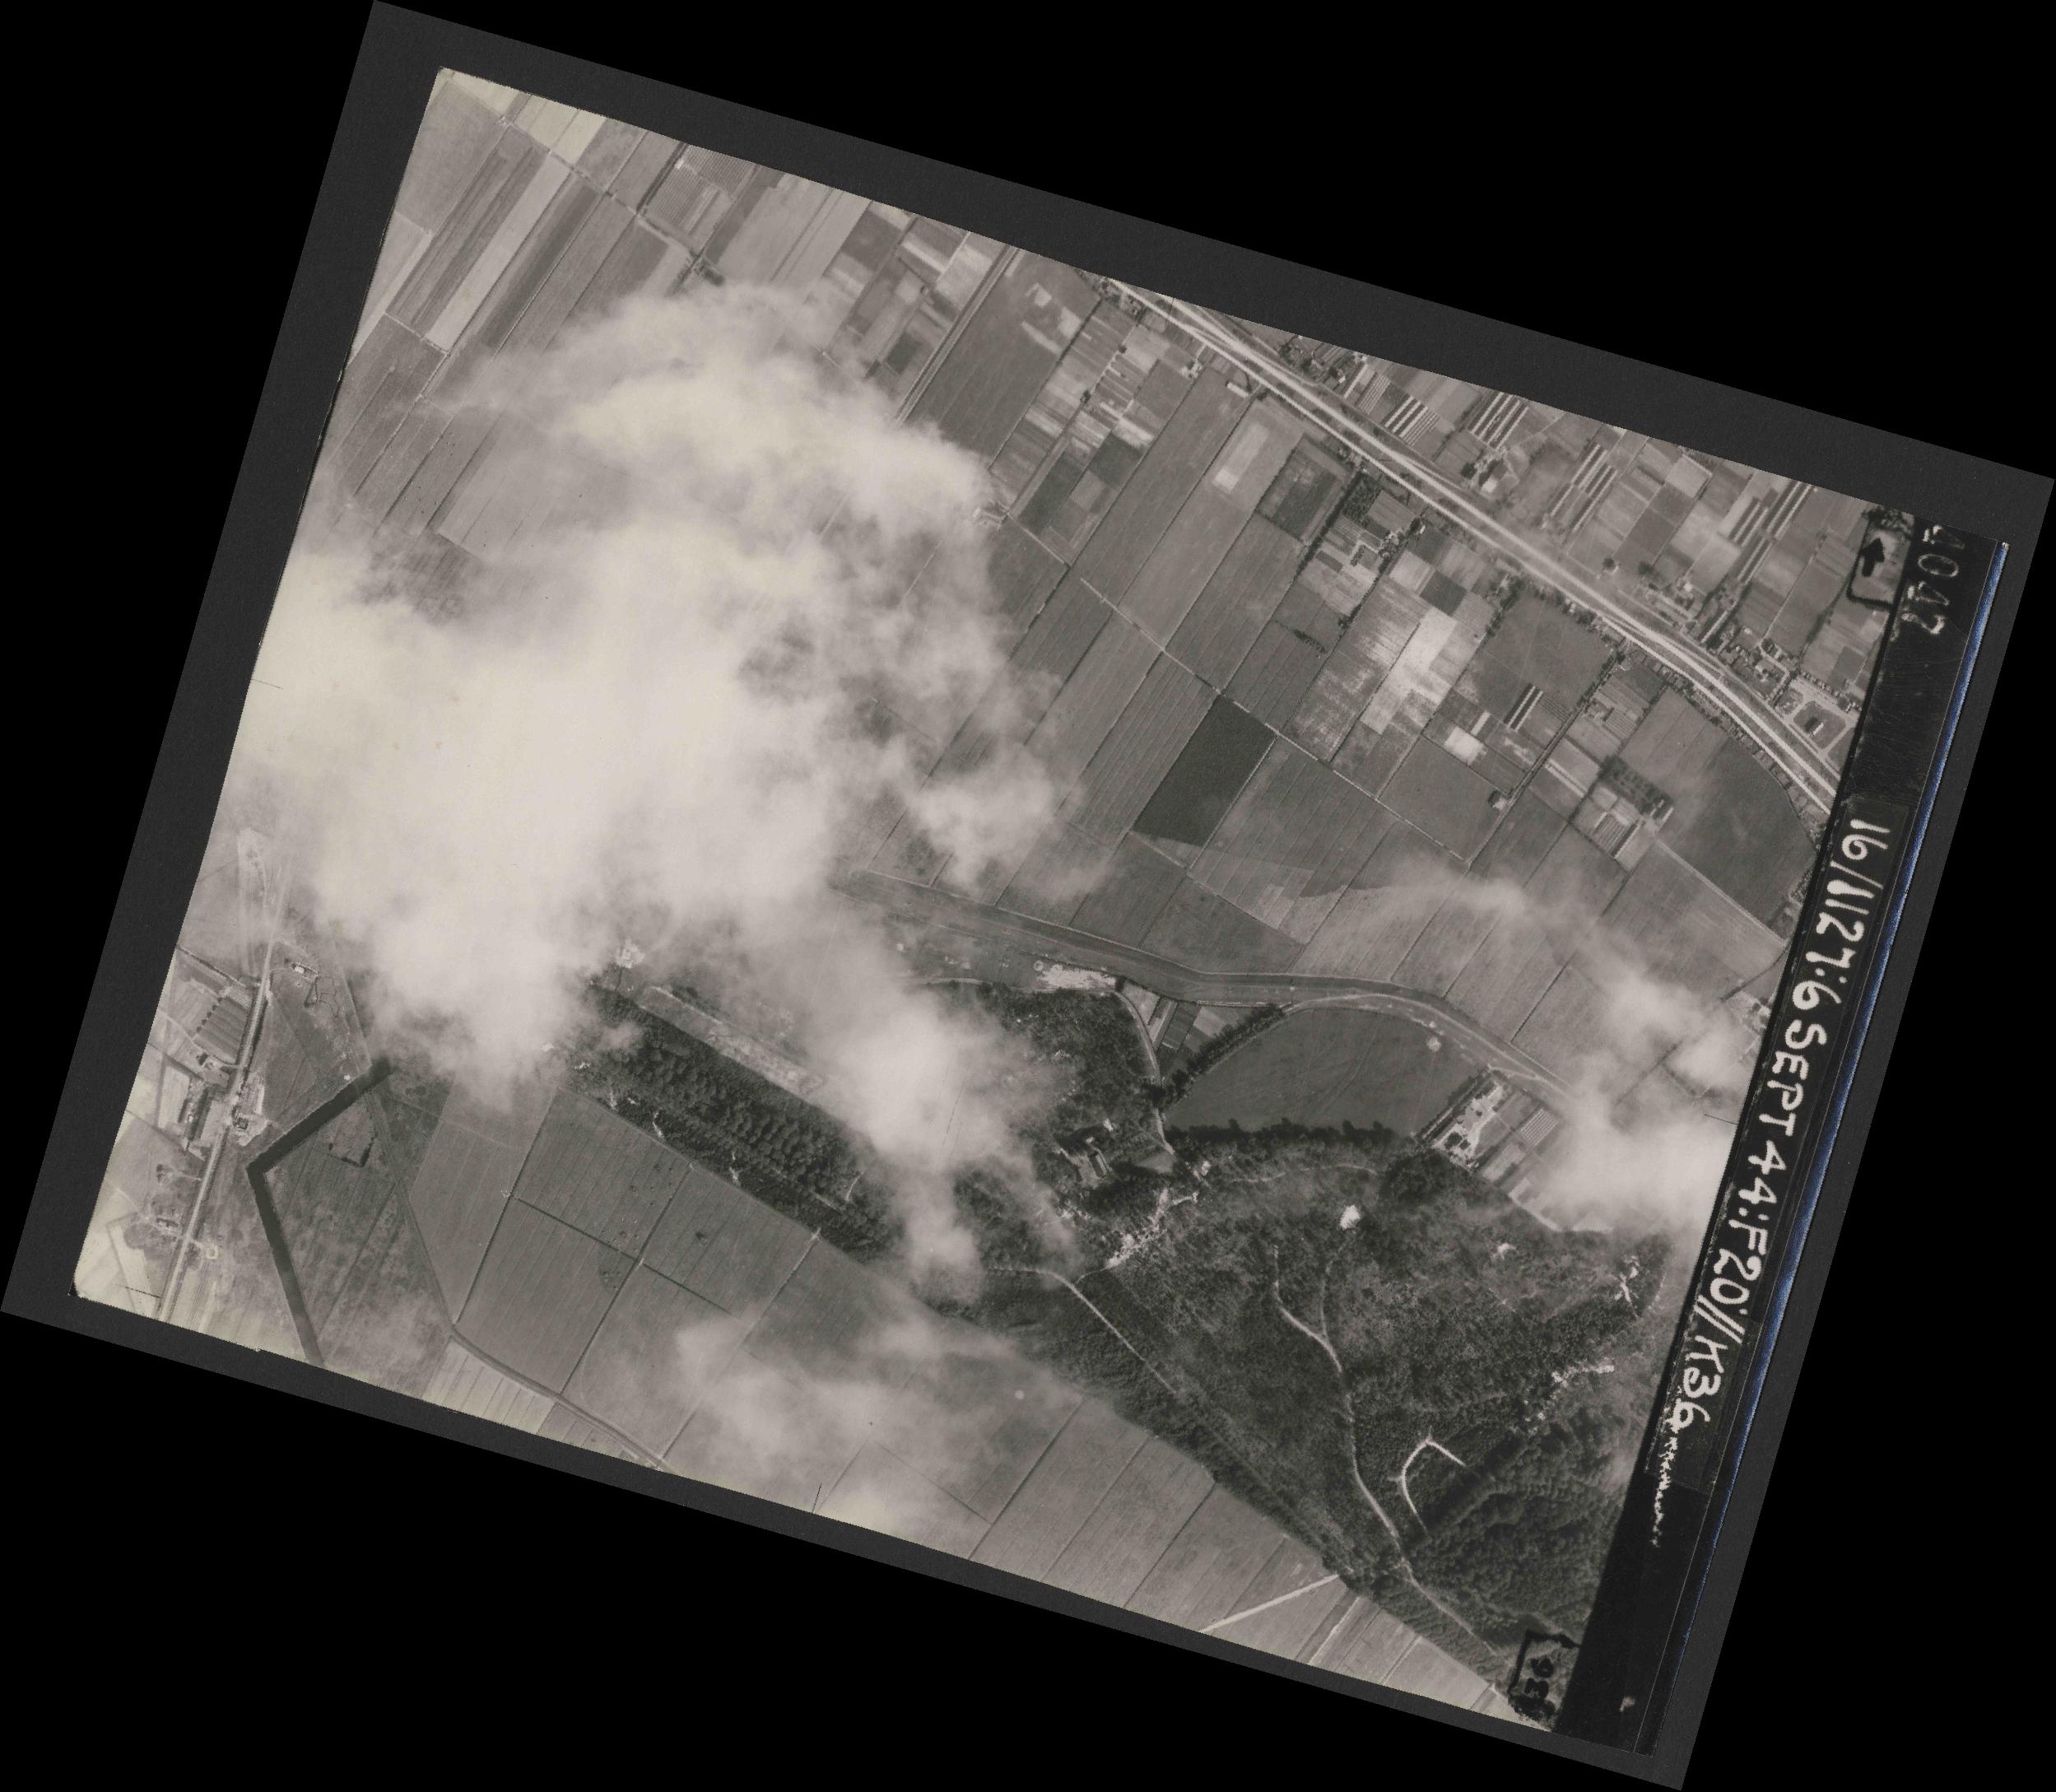 Collection RAF aerial photos 1940-1945 - flight 189, run 09, photo 4047